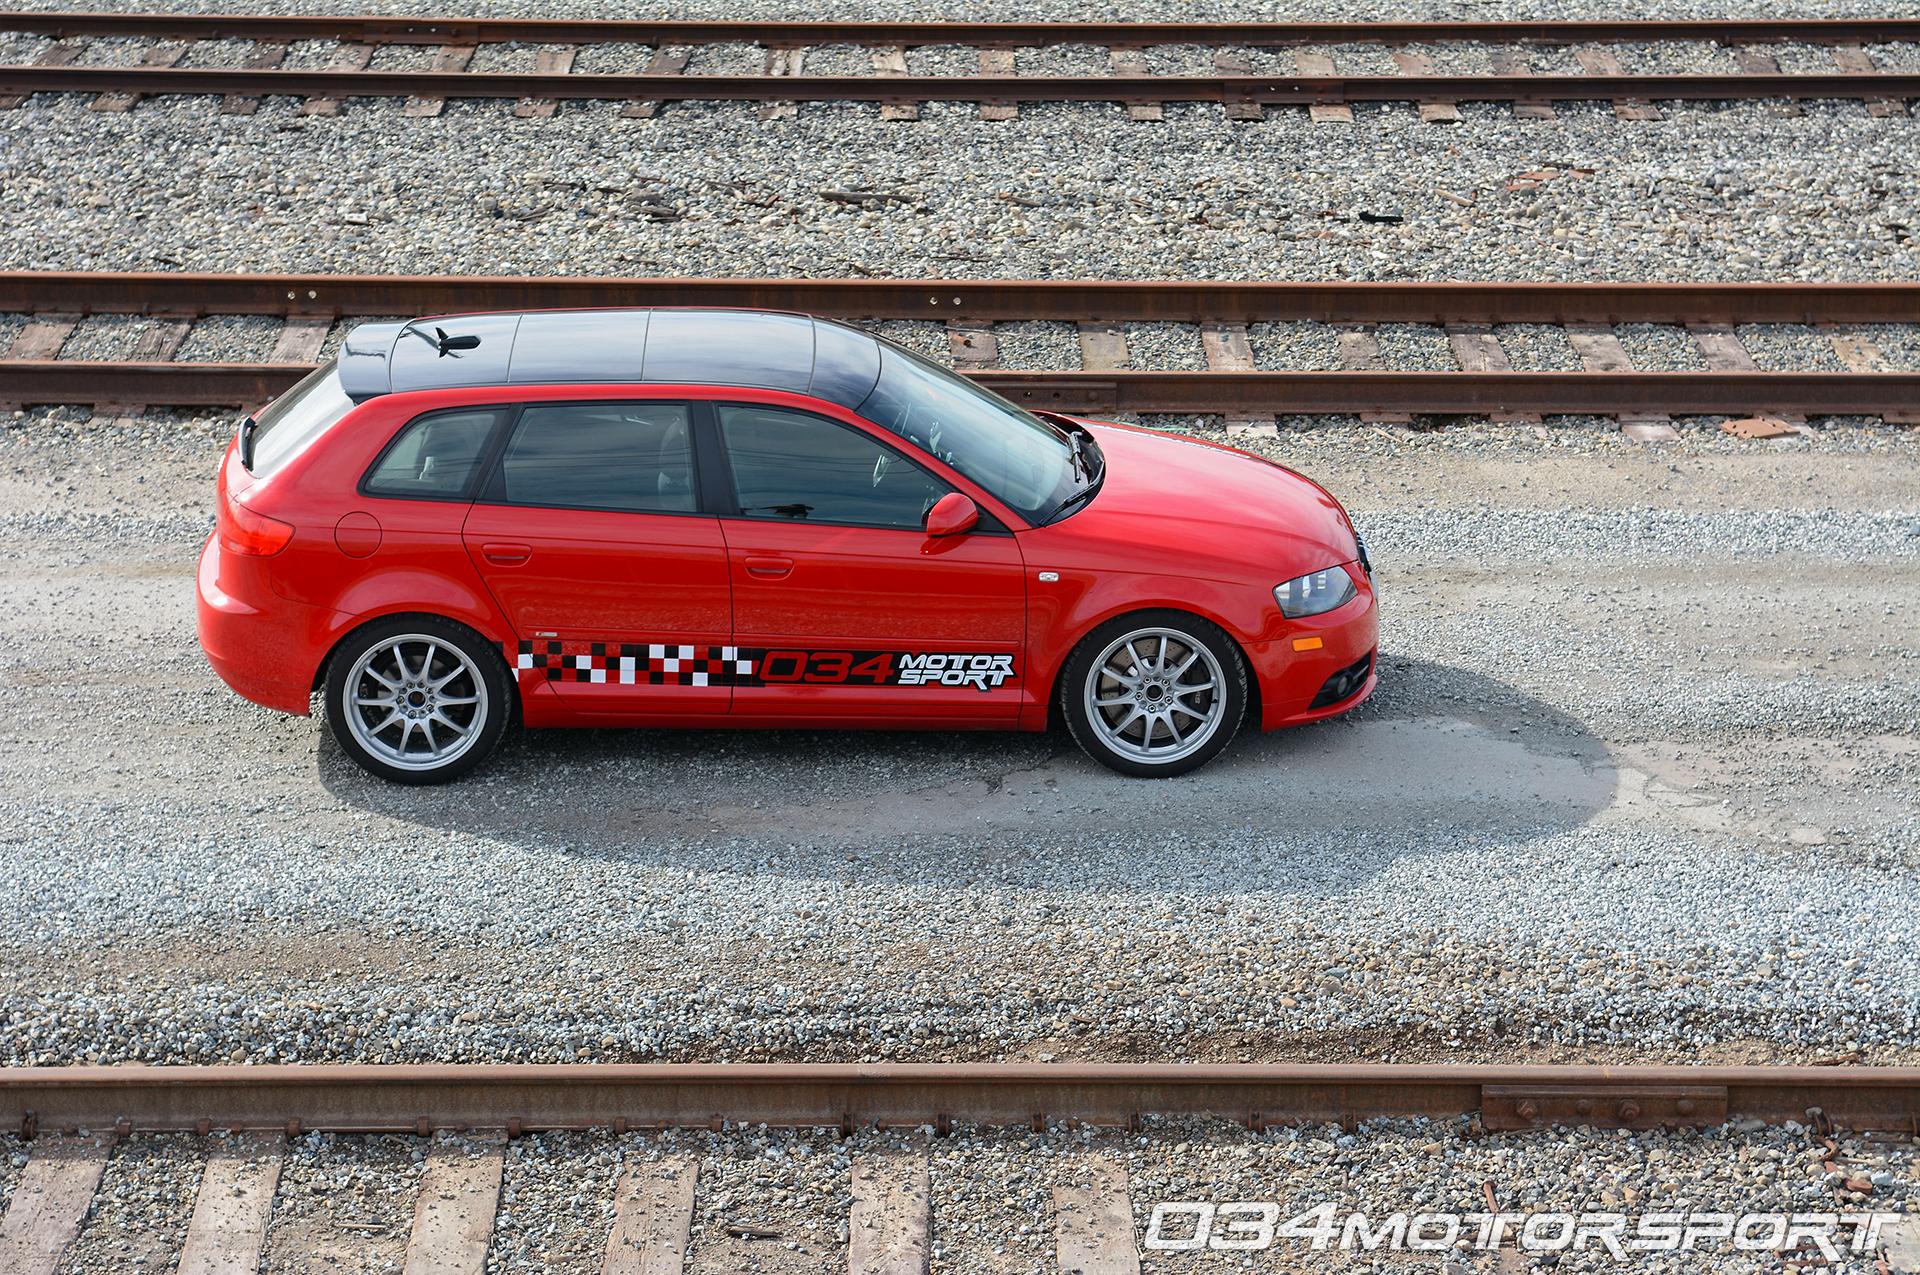 Nate@034's Audi A3 3 2L VR6 24V Turbo - 034Motorsport Blog